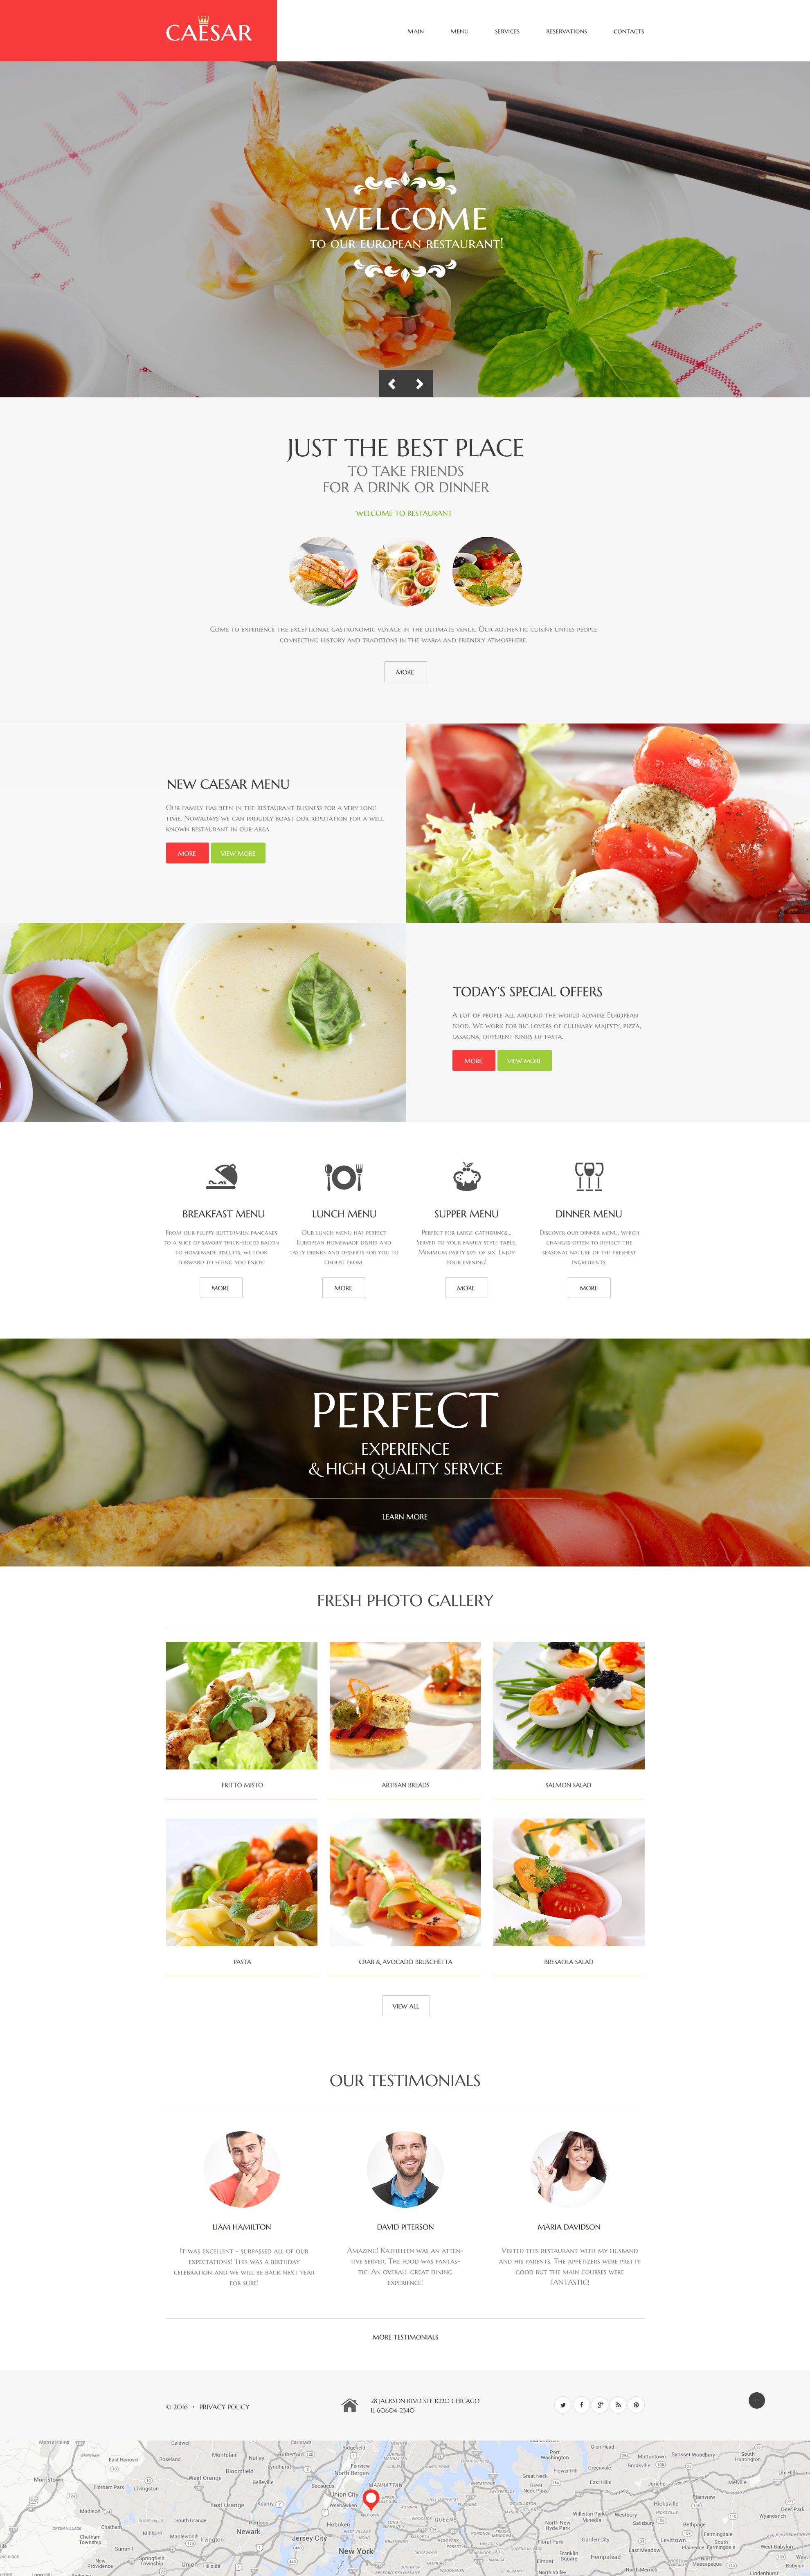 Responzivní Šablona webových stránek na téma Kavárny a Restaurace #58582 - screenshot